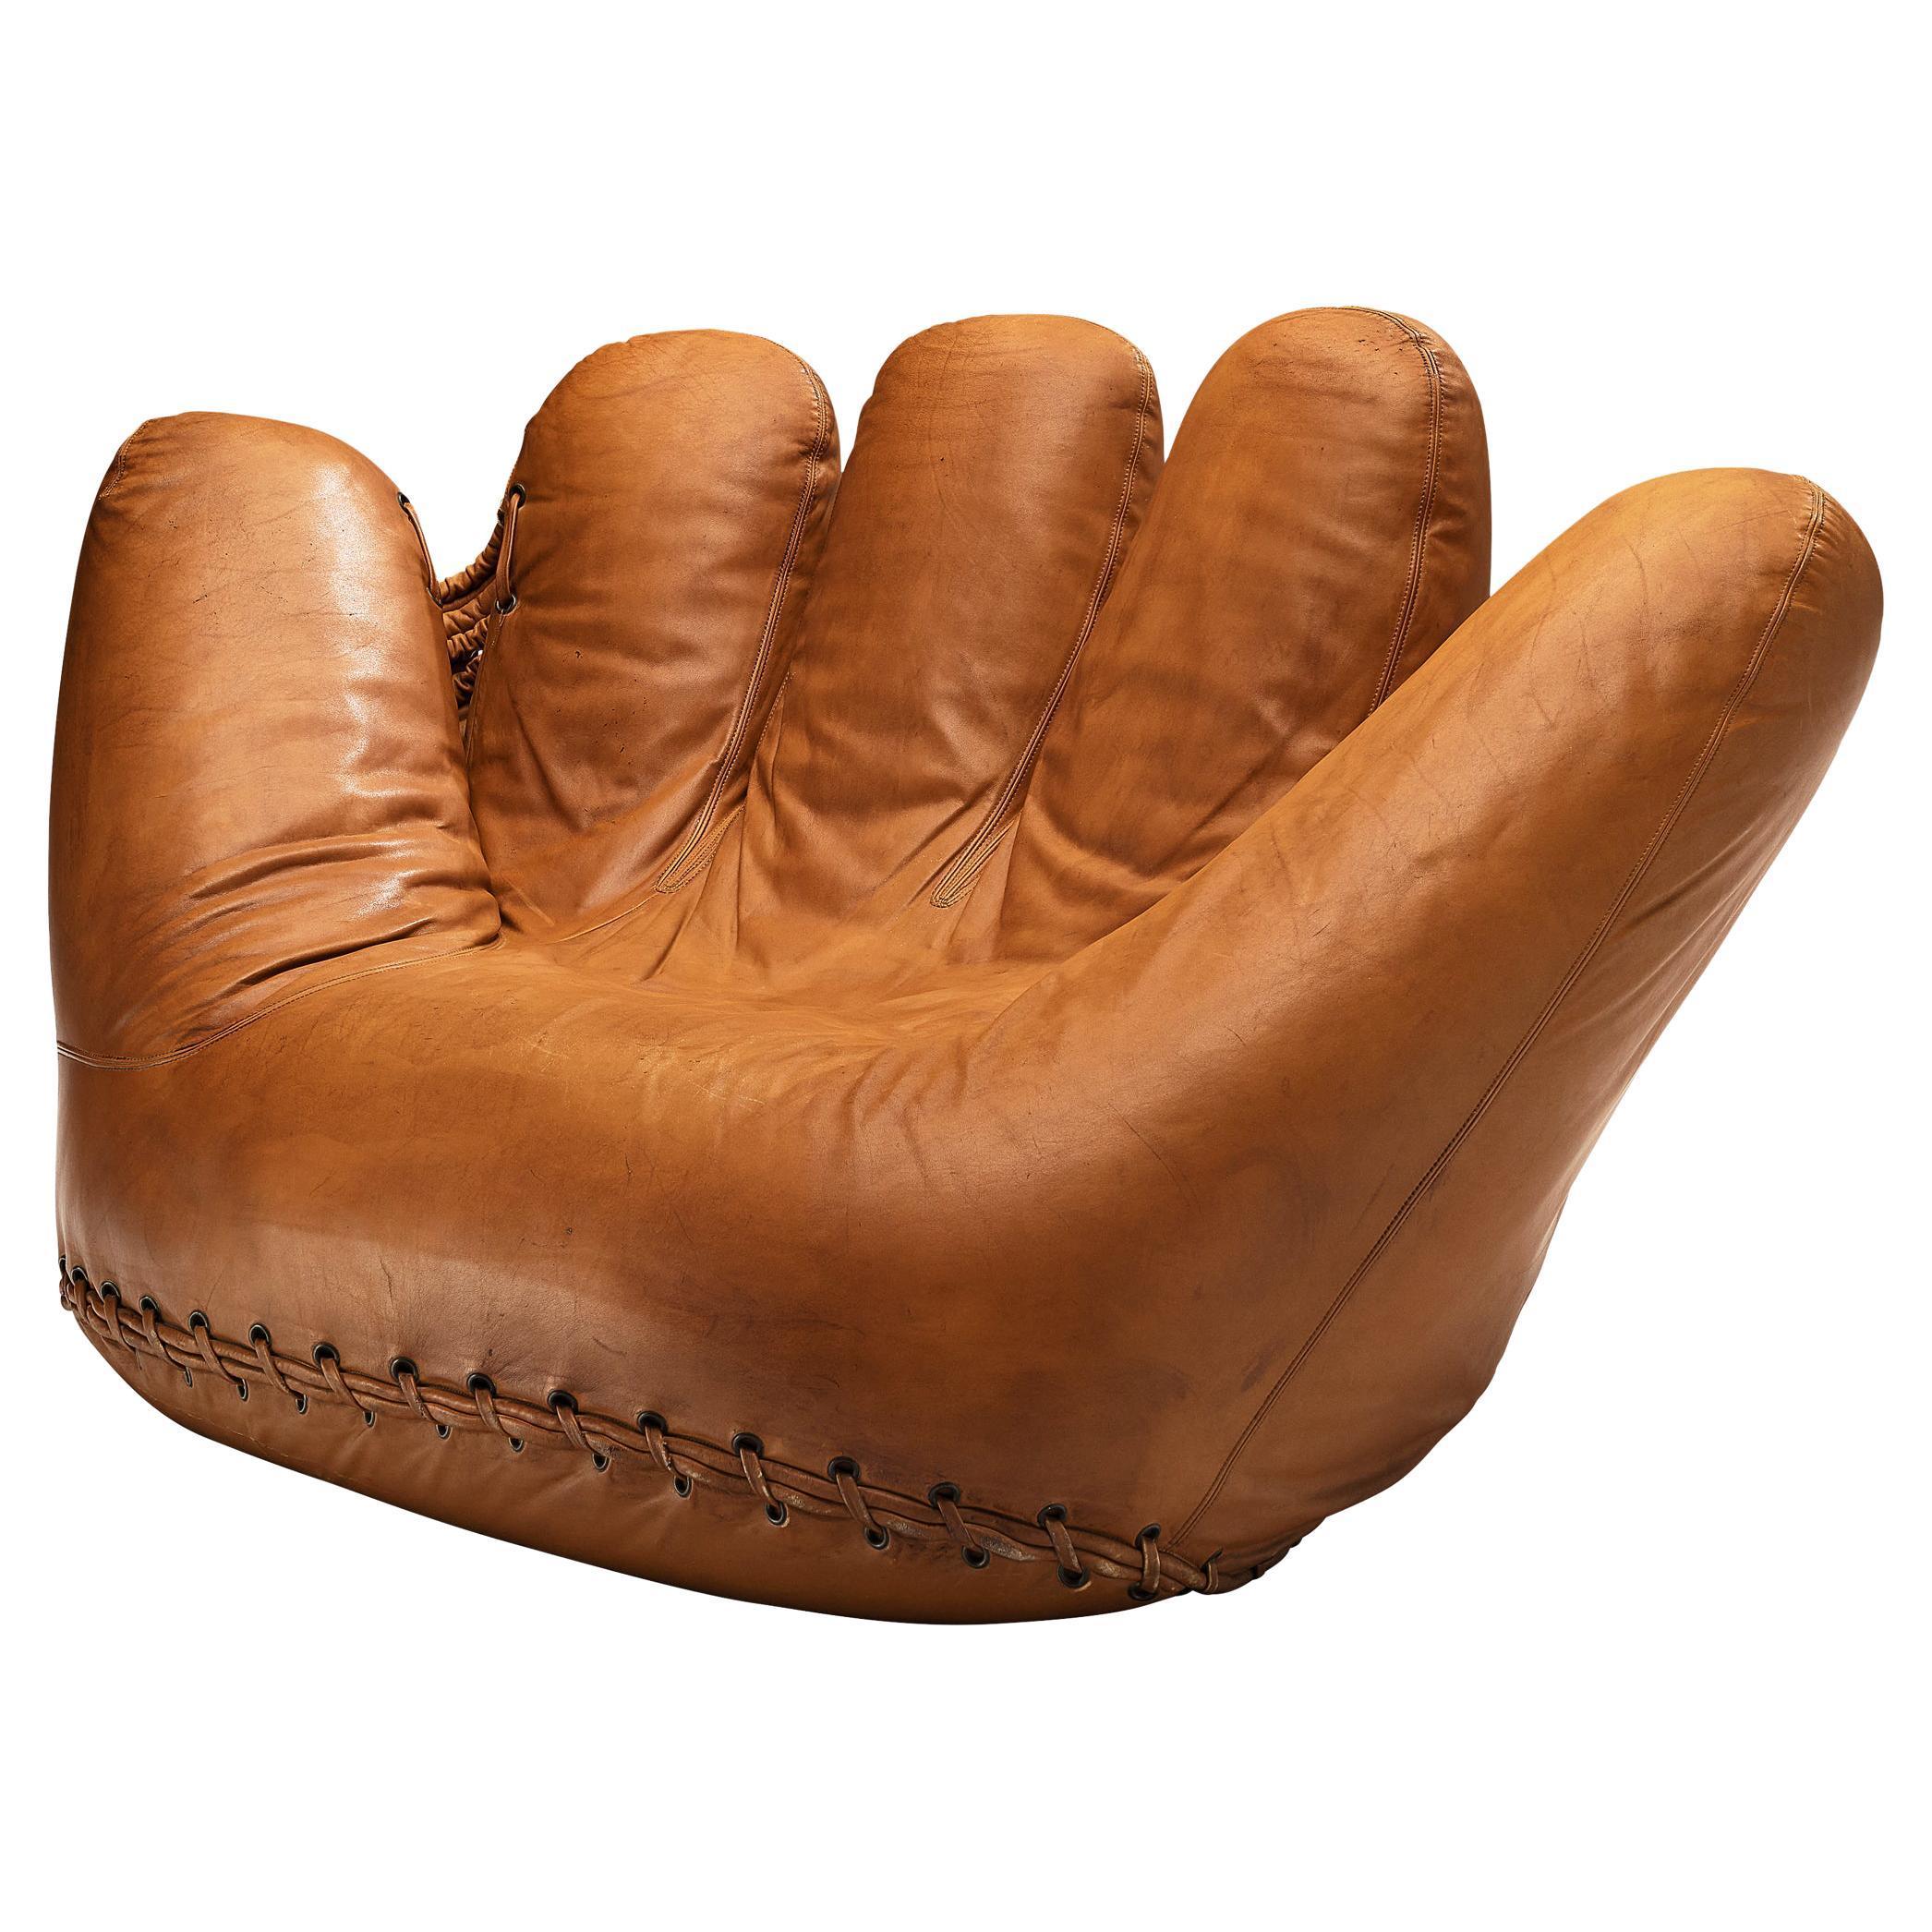 De Pas D'urbino and Lomazzi 'Joe Seat' in Cognac Leather